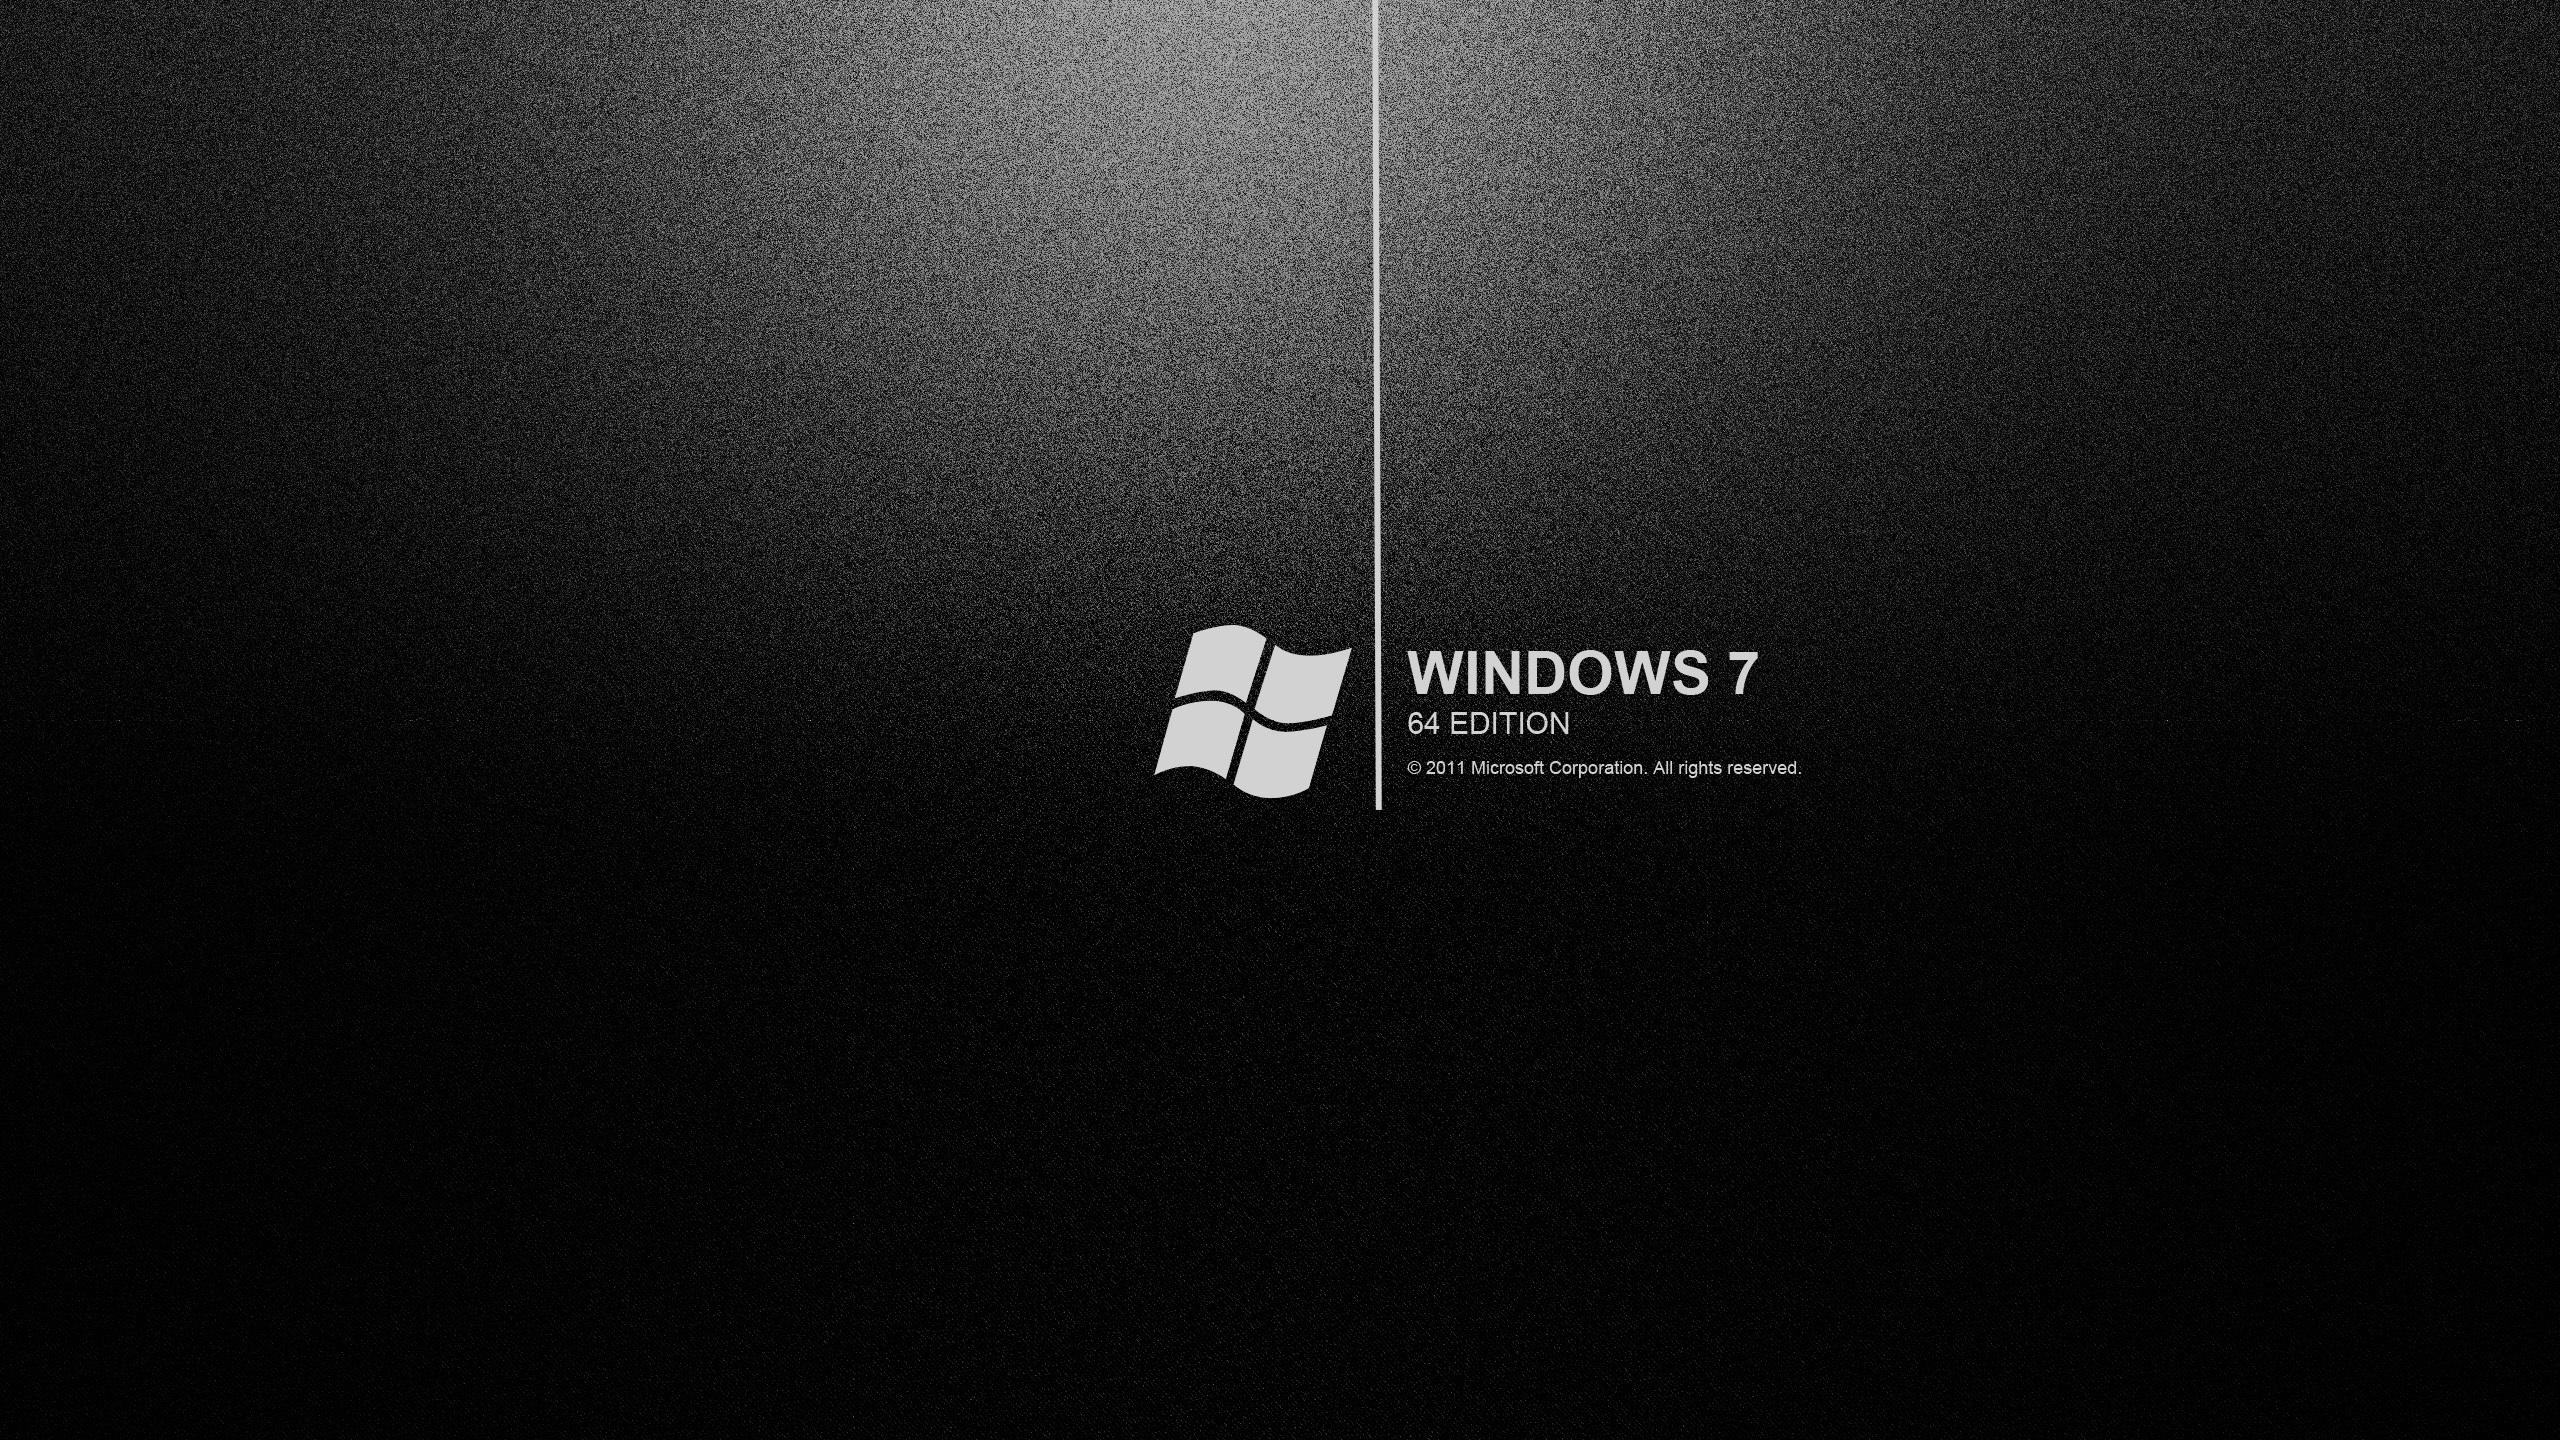 black wallpapers backgrounds dark hd desktop wallpapers Black 2560x1440